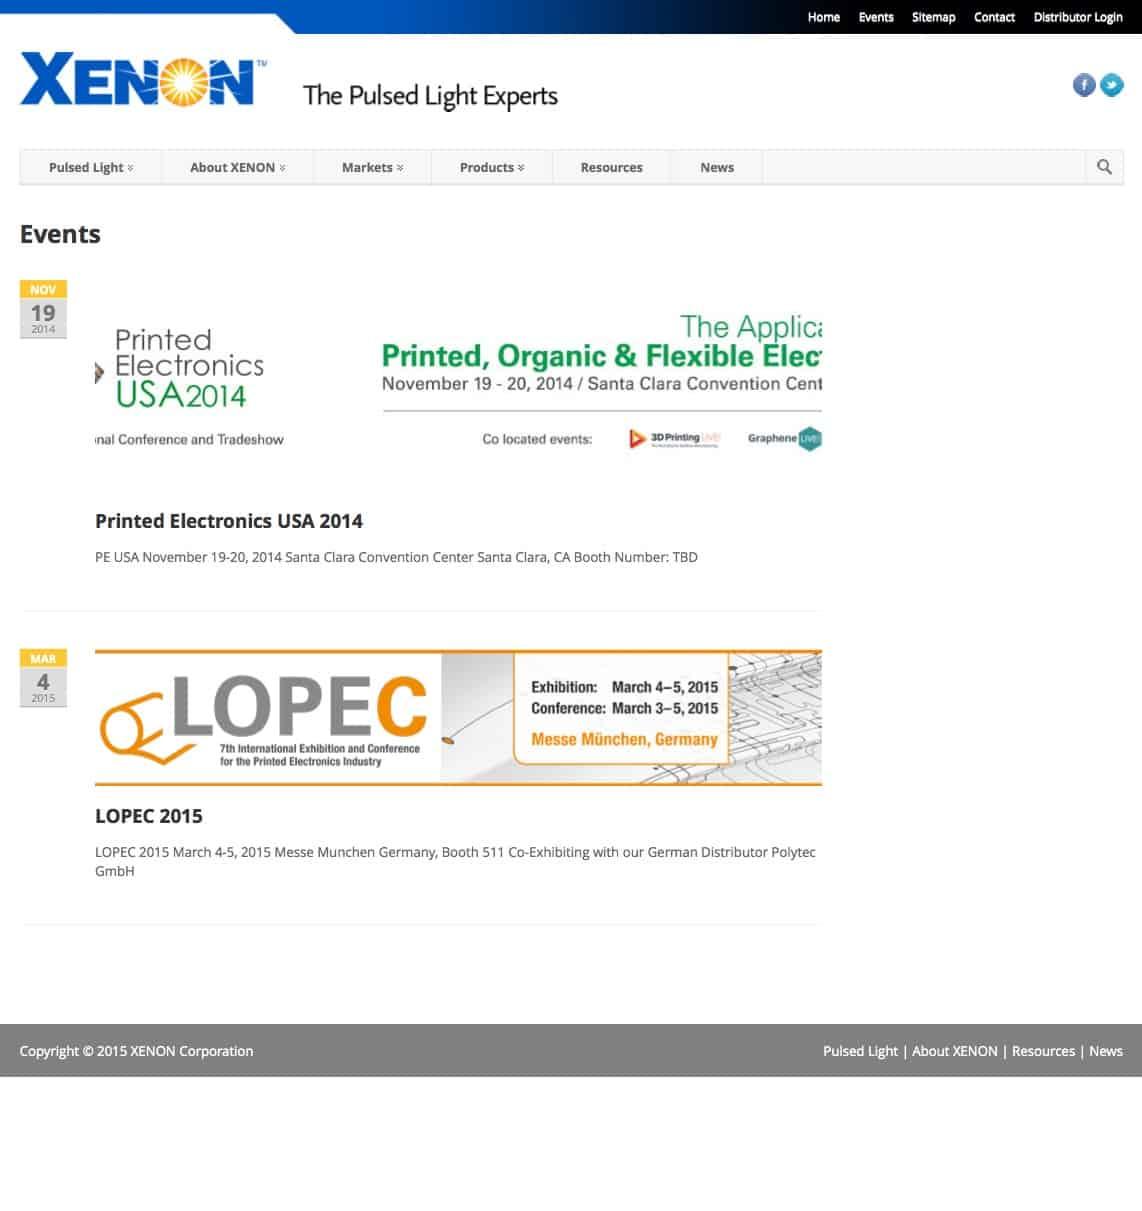 XENON003